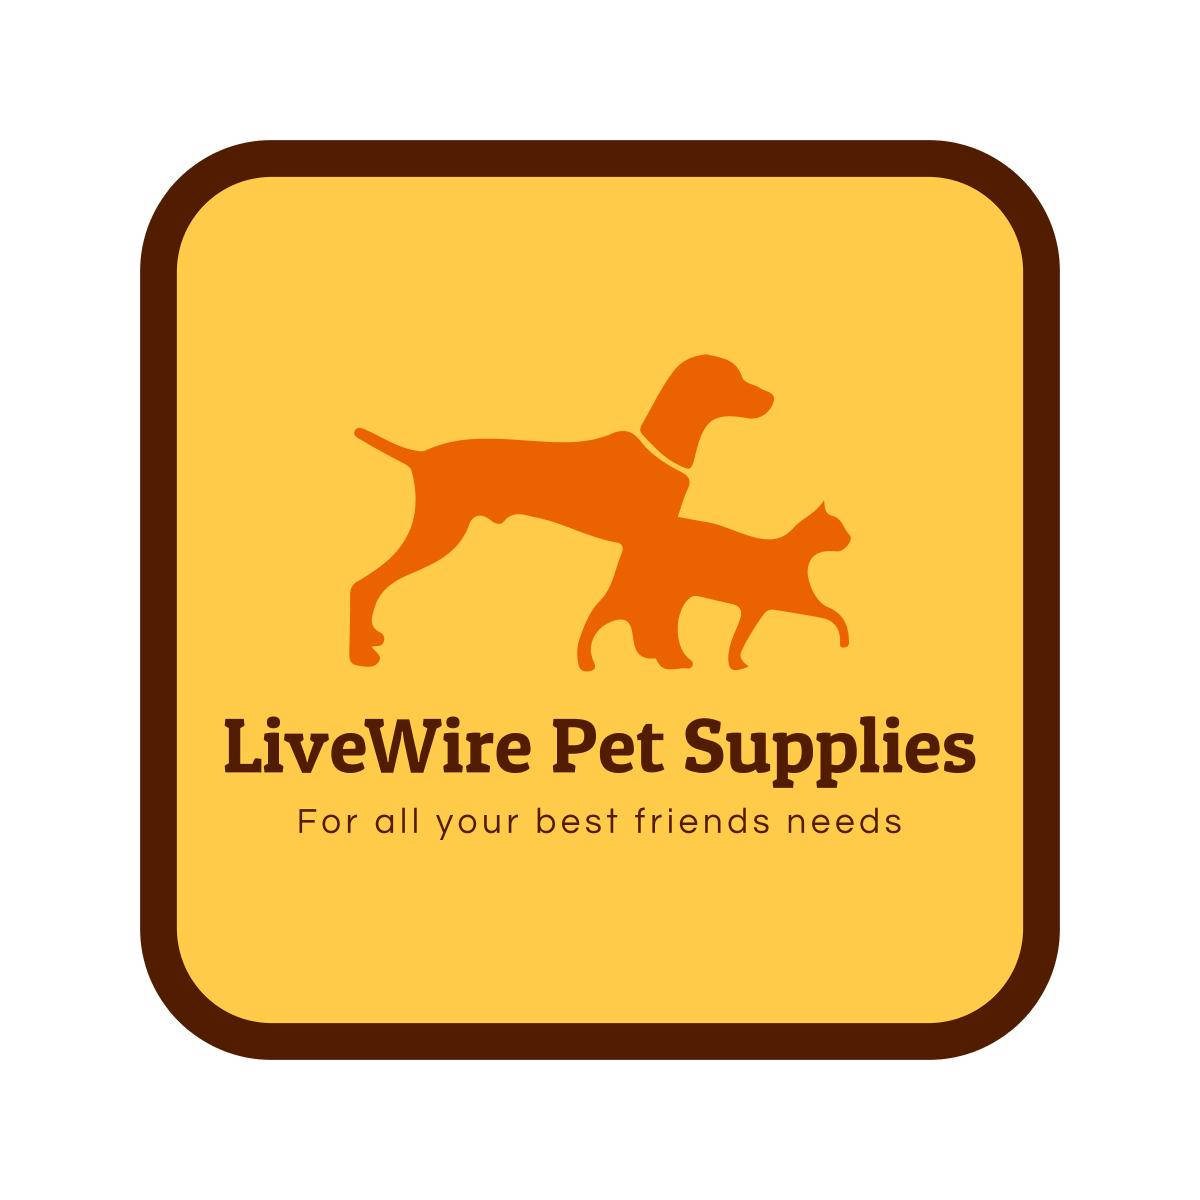 Pet Products | LiveWire Pet Supplies Ltd  | Yorkshire